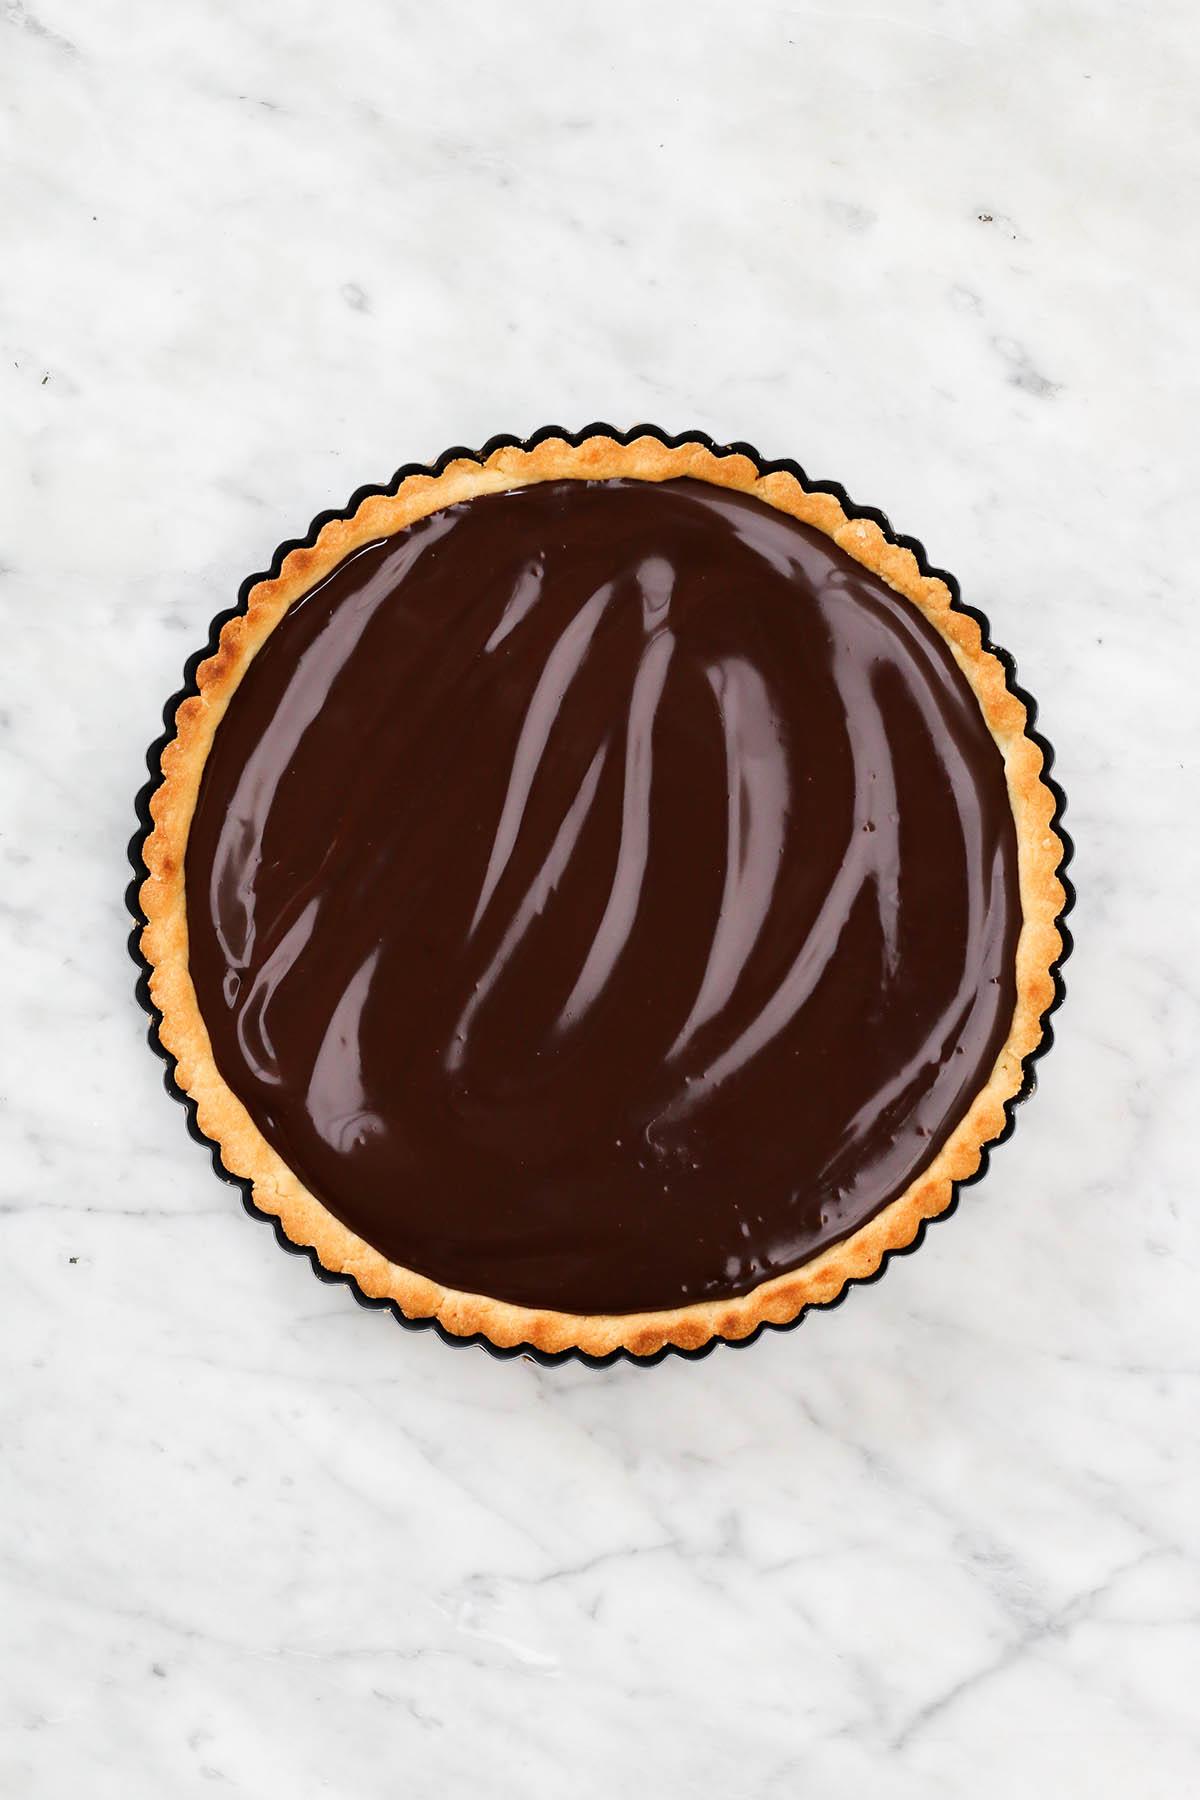 A chocolate ganache tart.